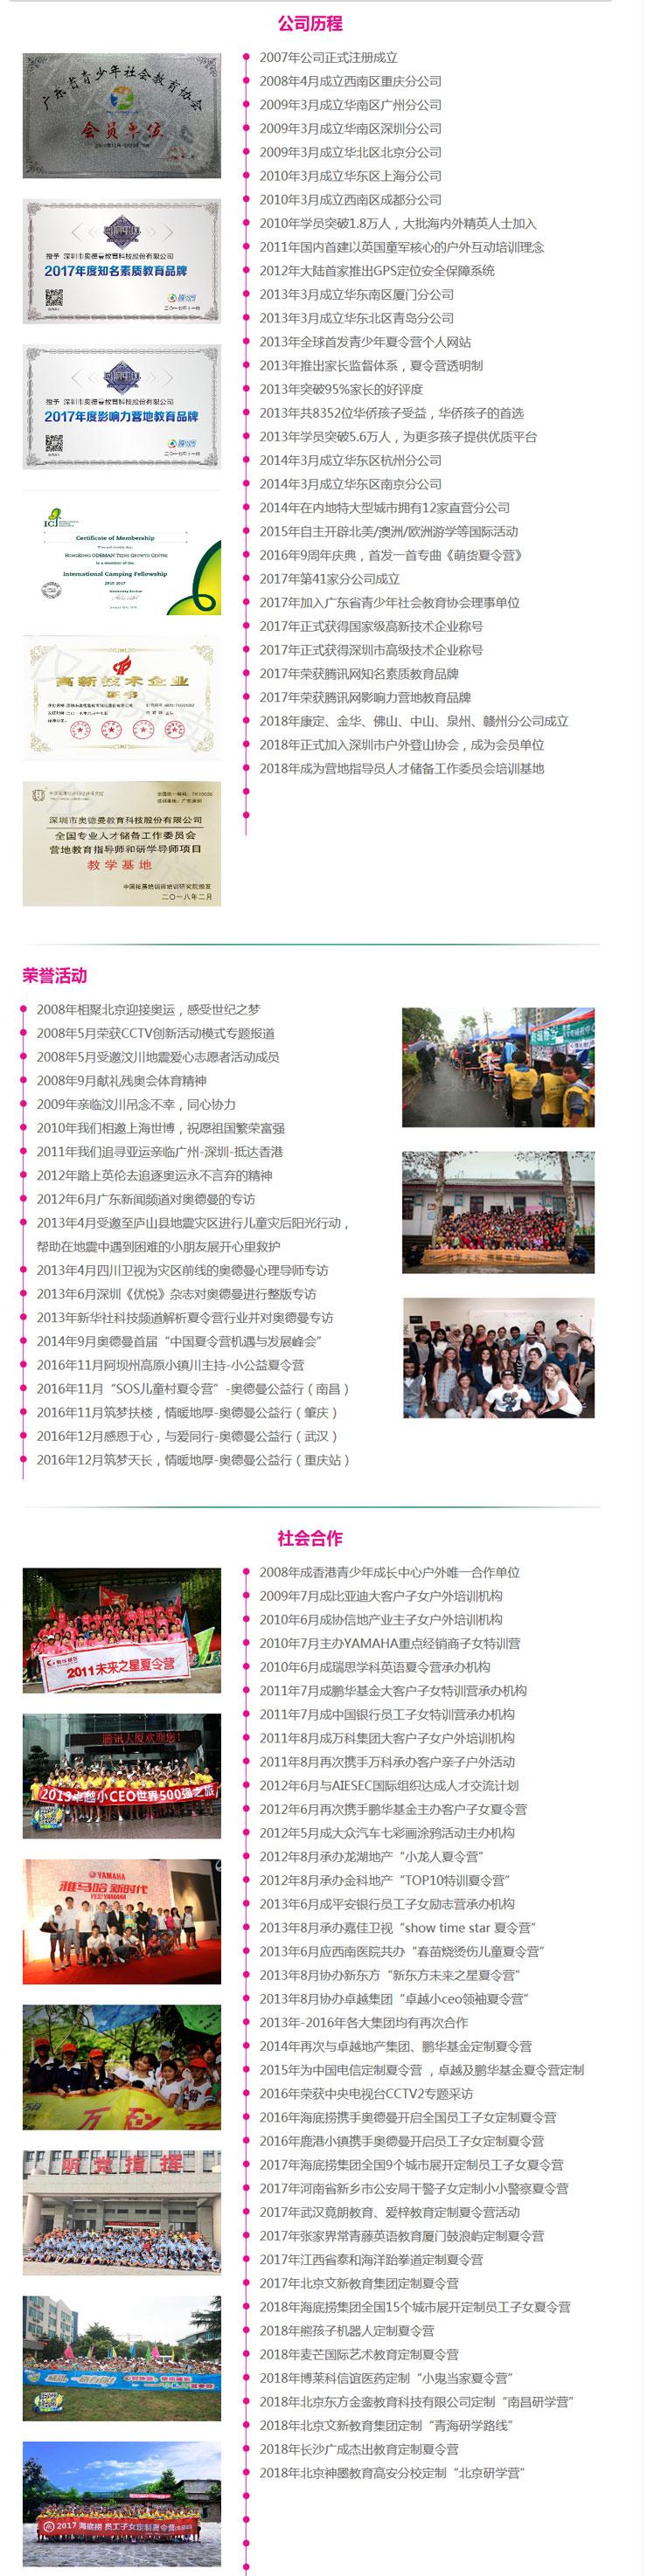 南京夏令营培训